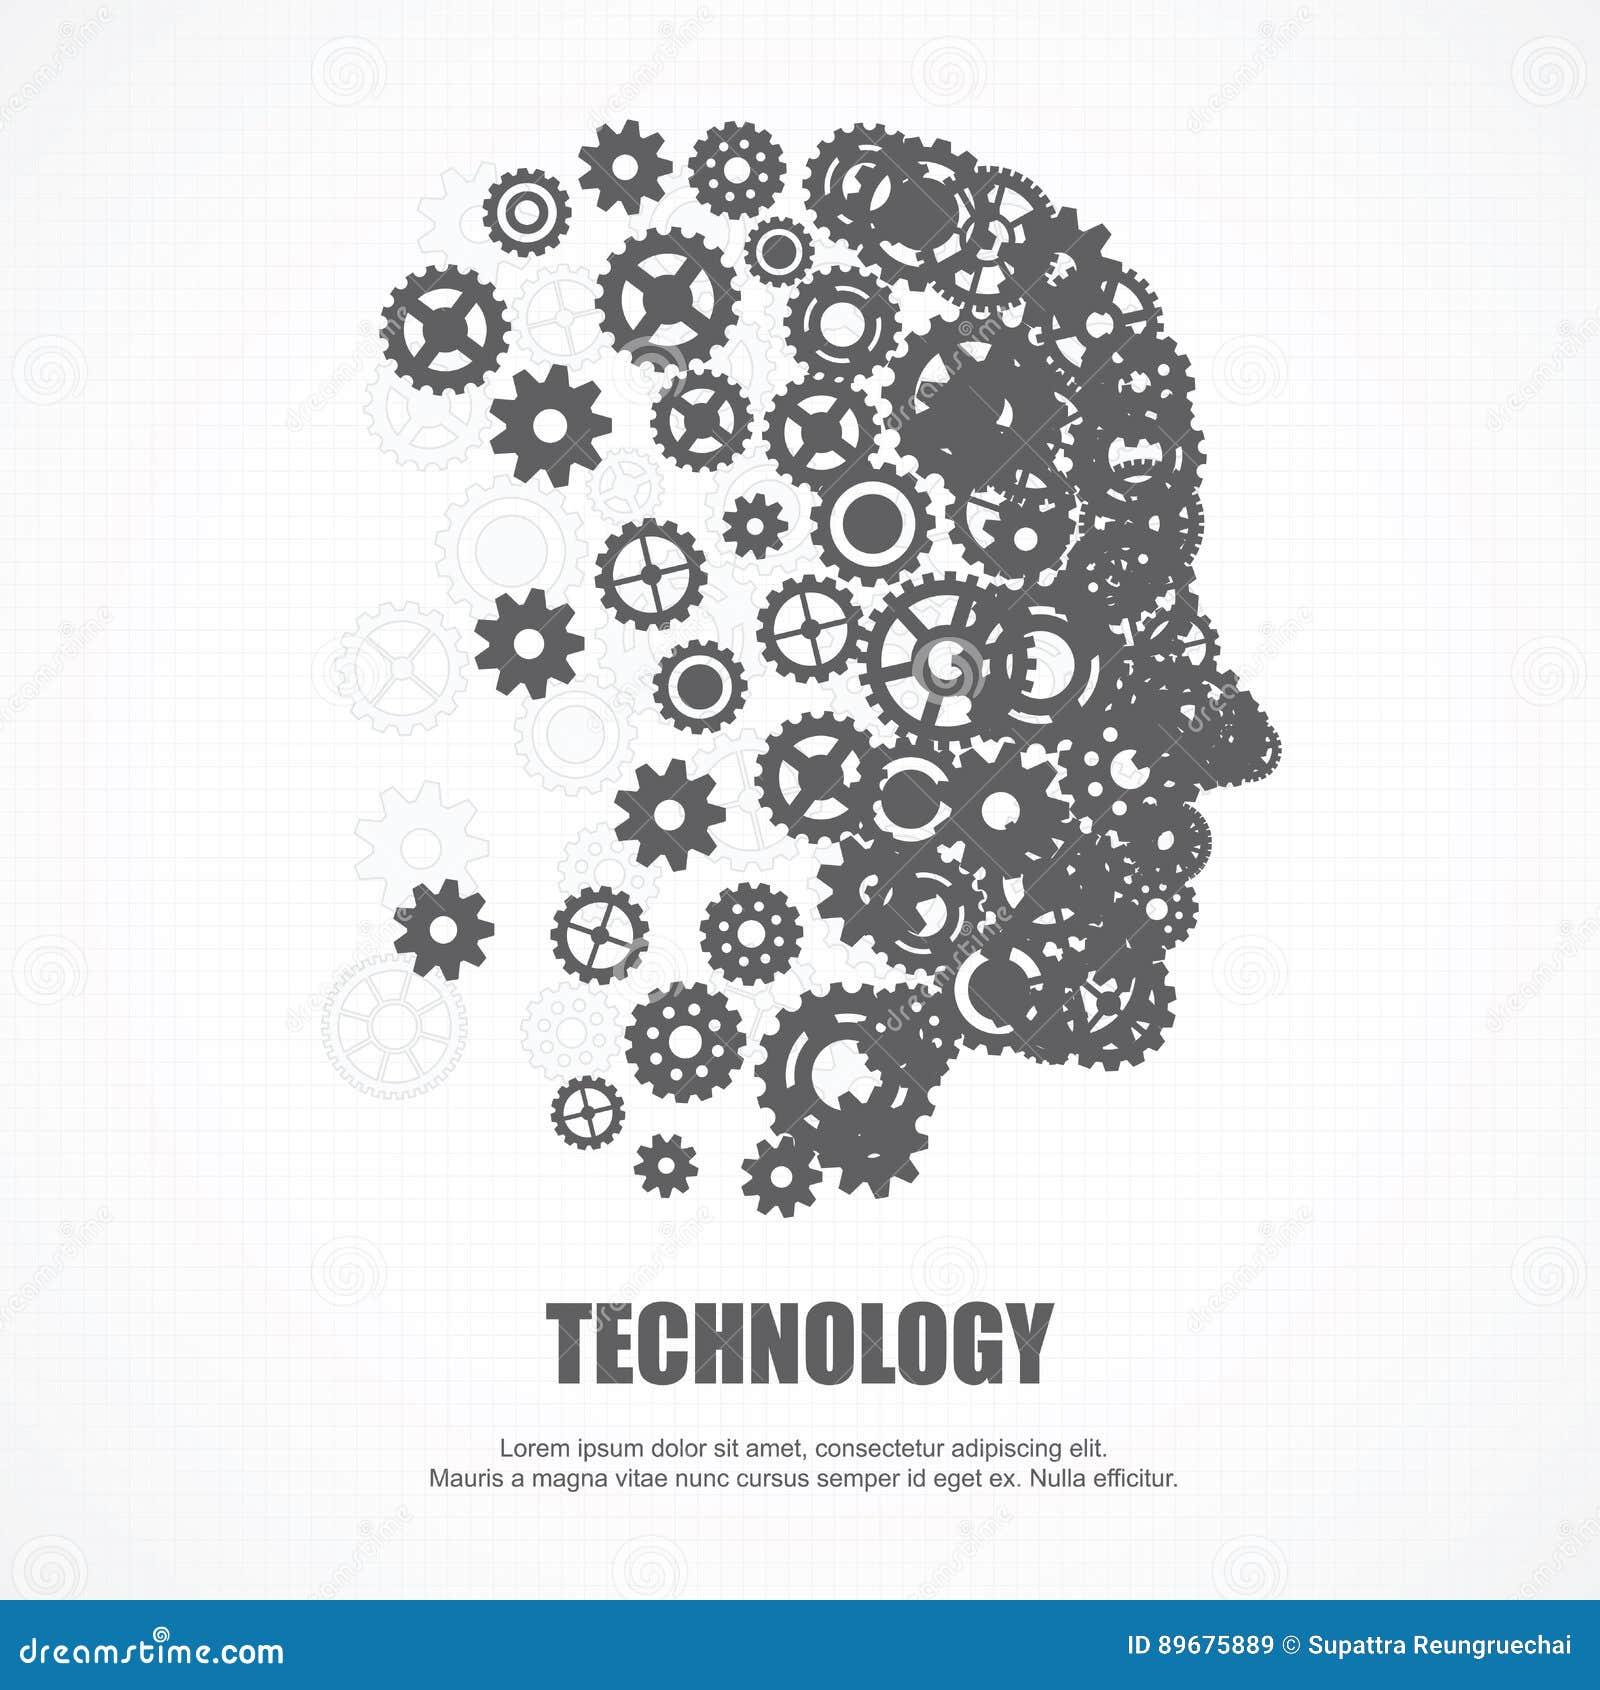 Adapta el rostro humano para la tecnología